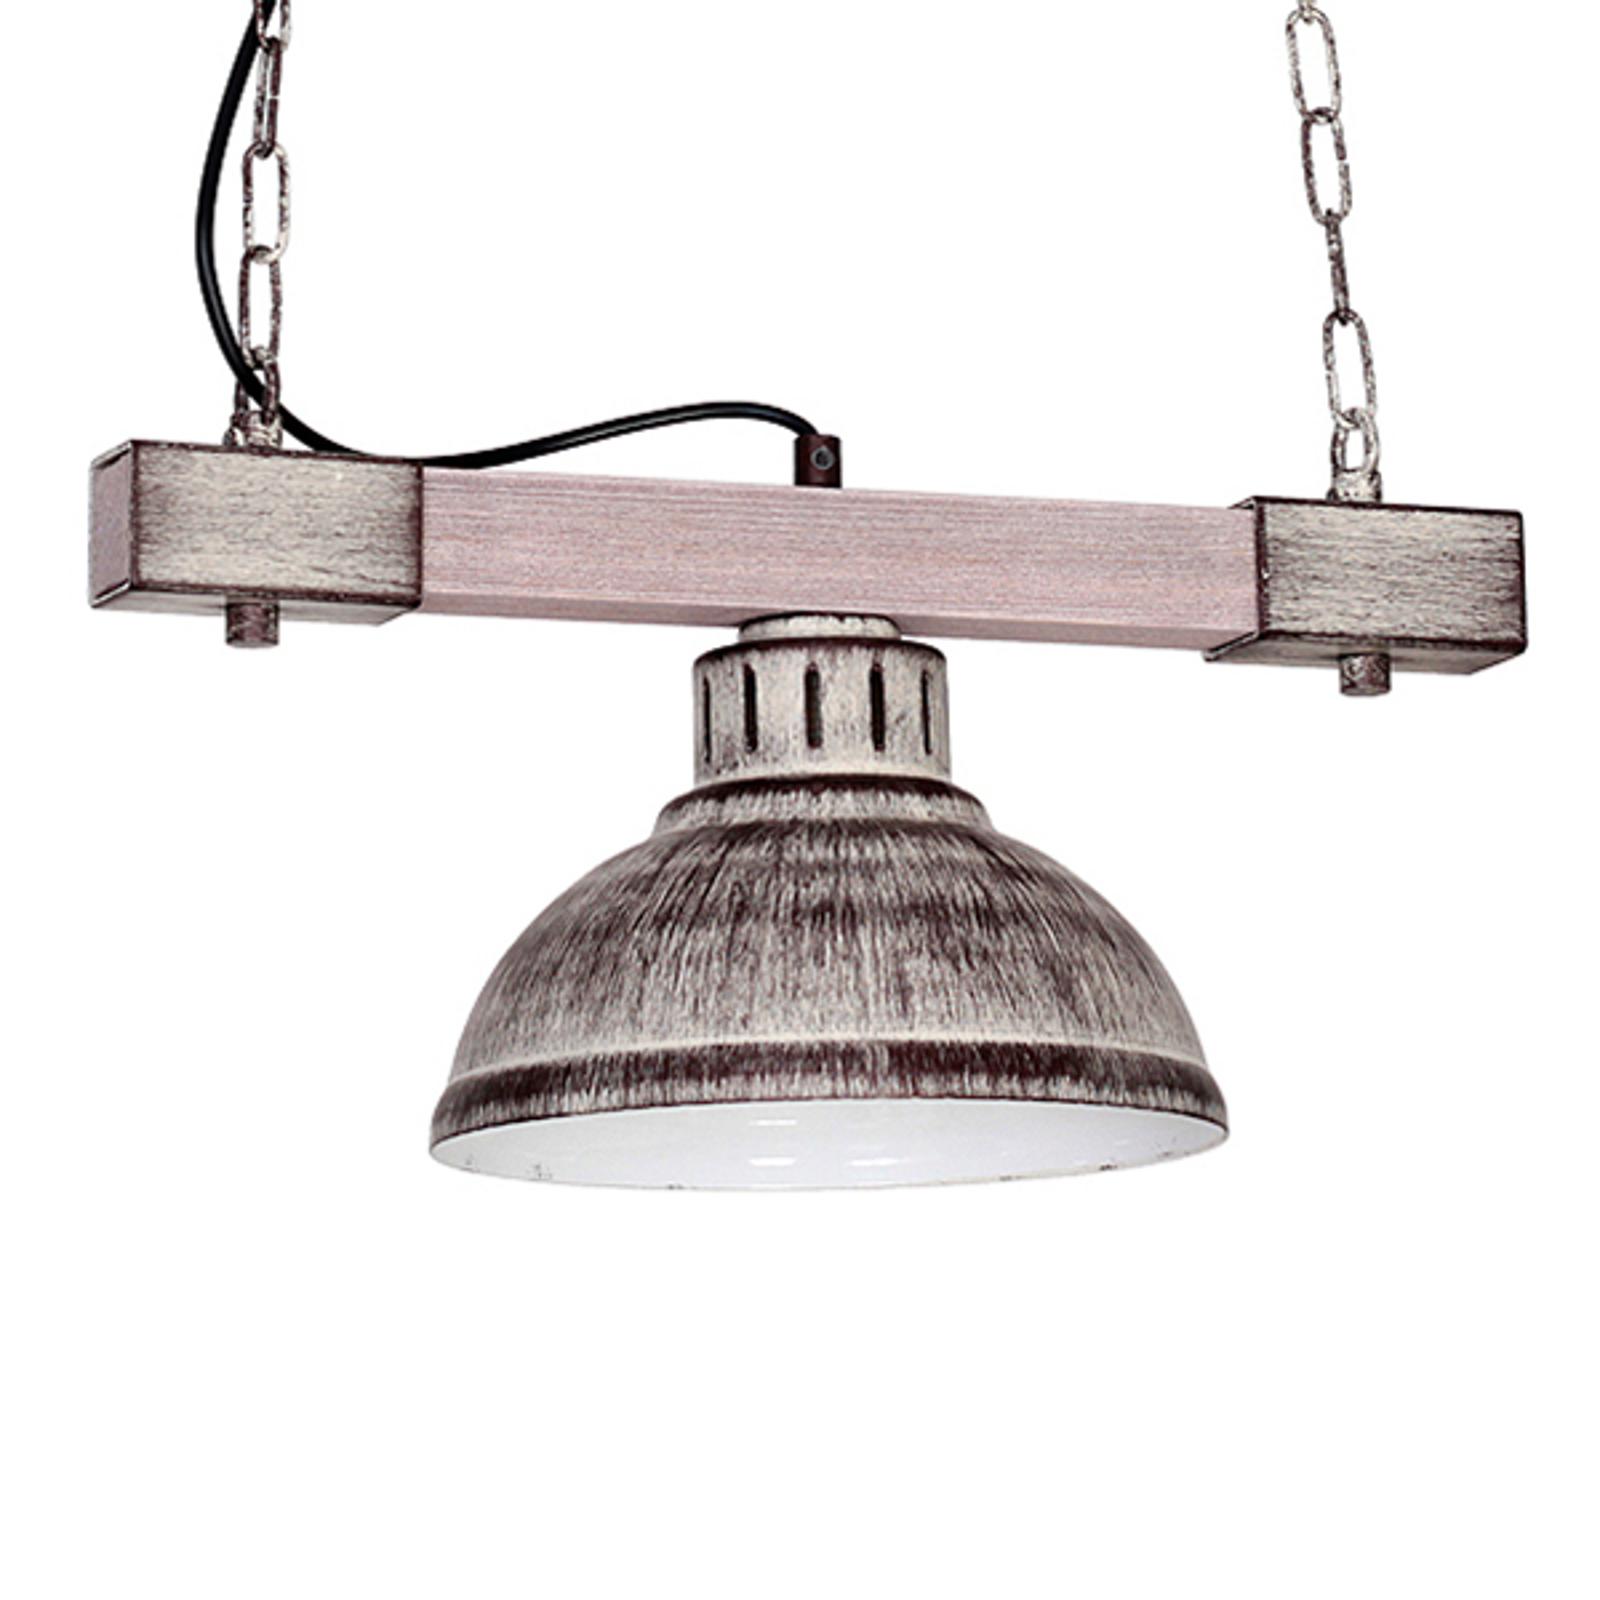 Hanglamp Hakon 1-lamp gebleekt/hout licht